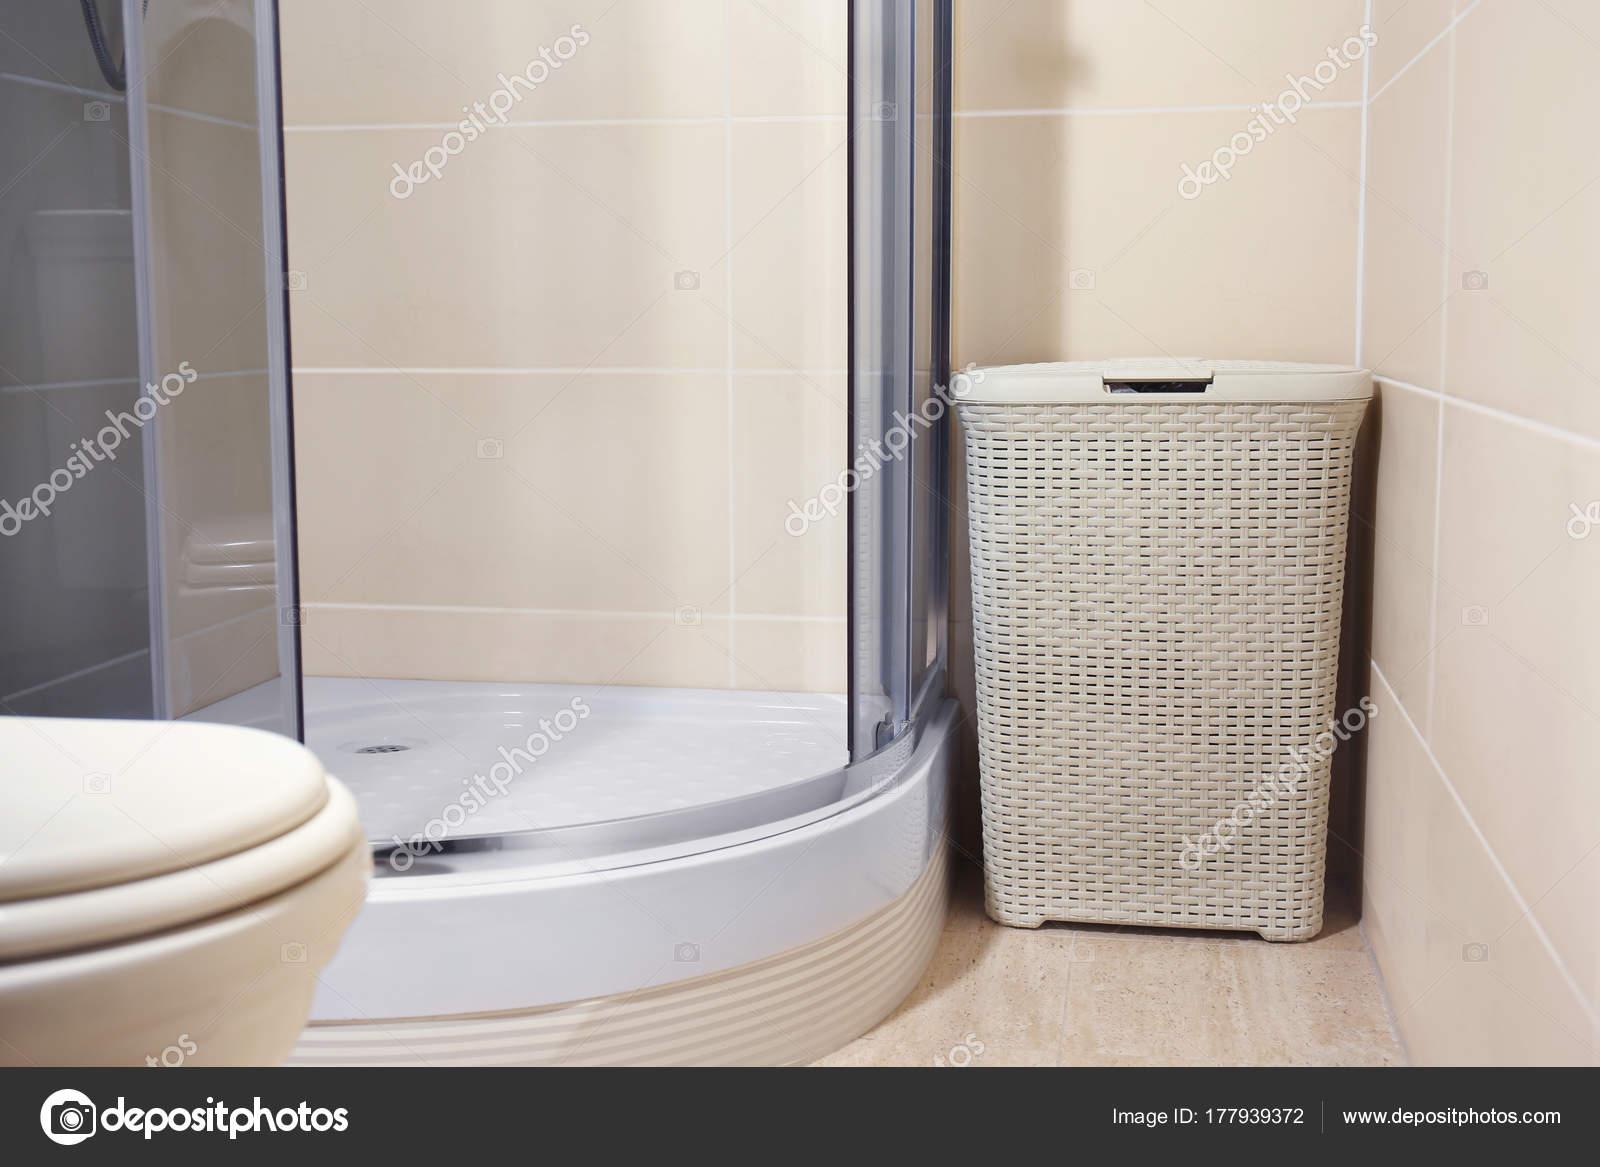 Wäschekorb im Badezimmer — Stockfoto © belchonock #177939372